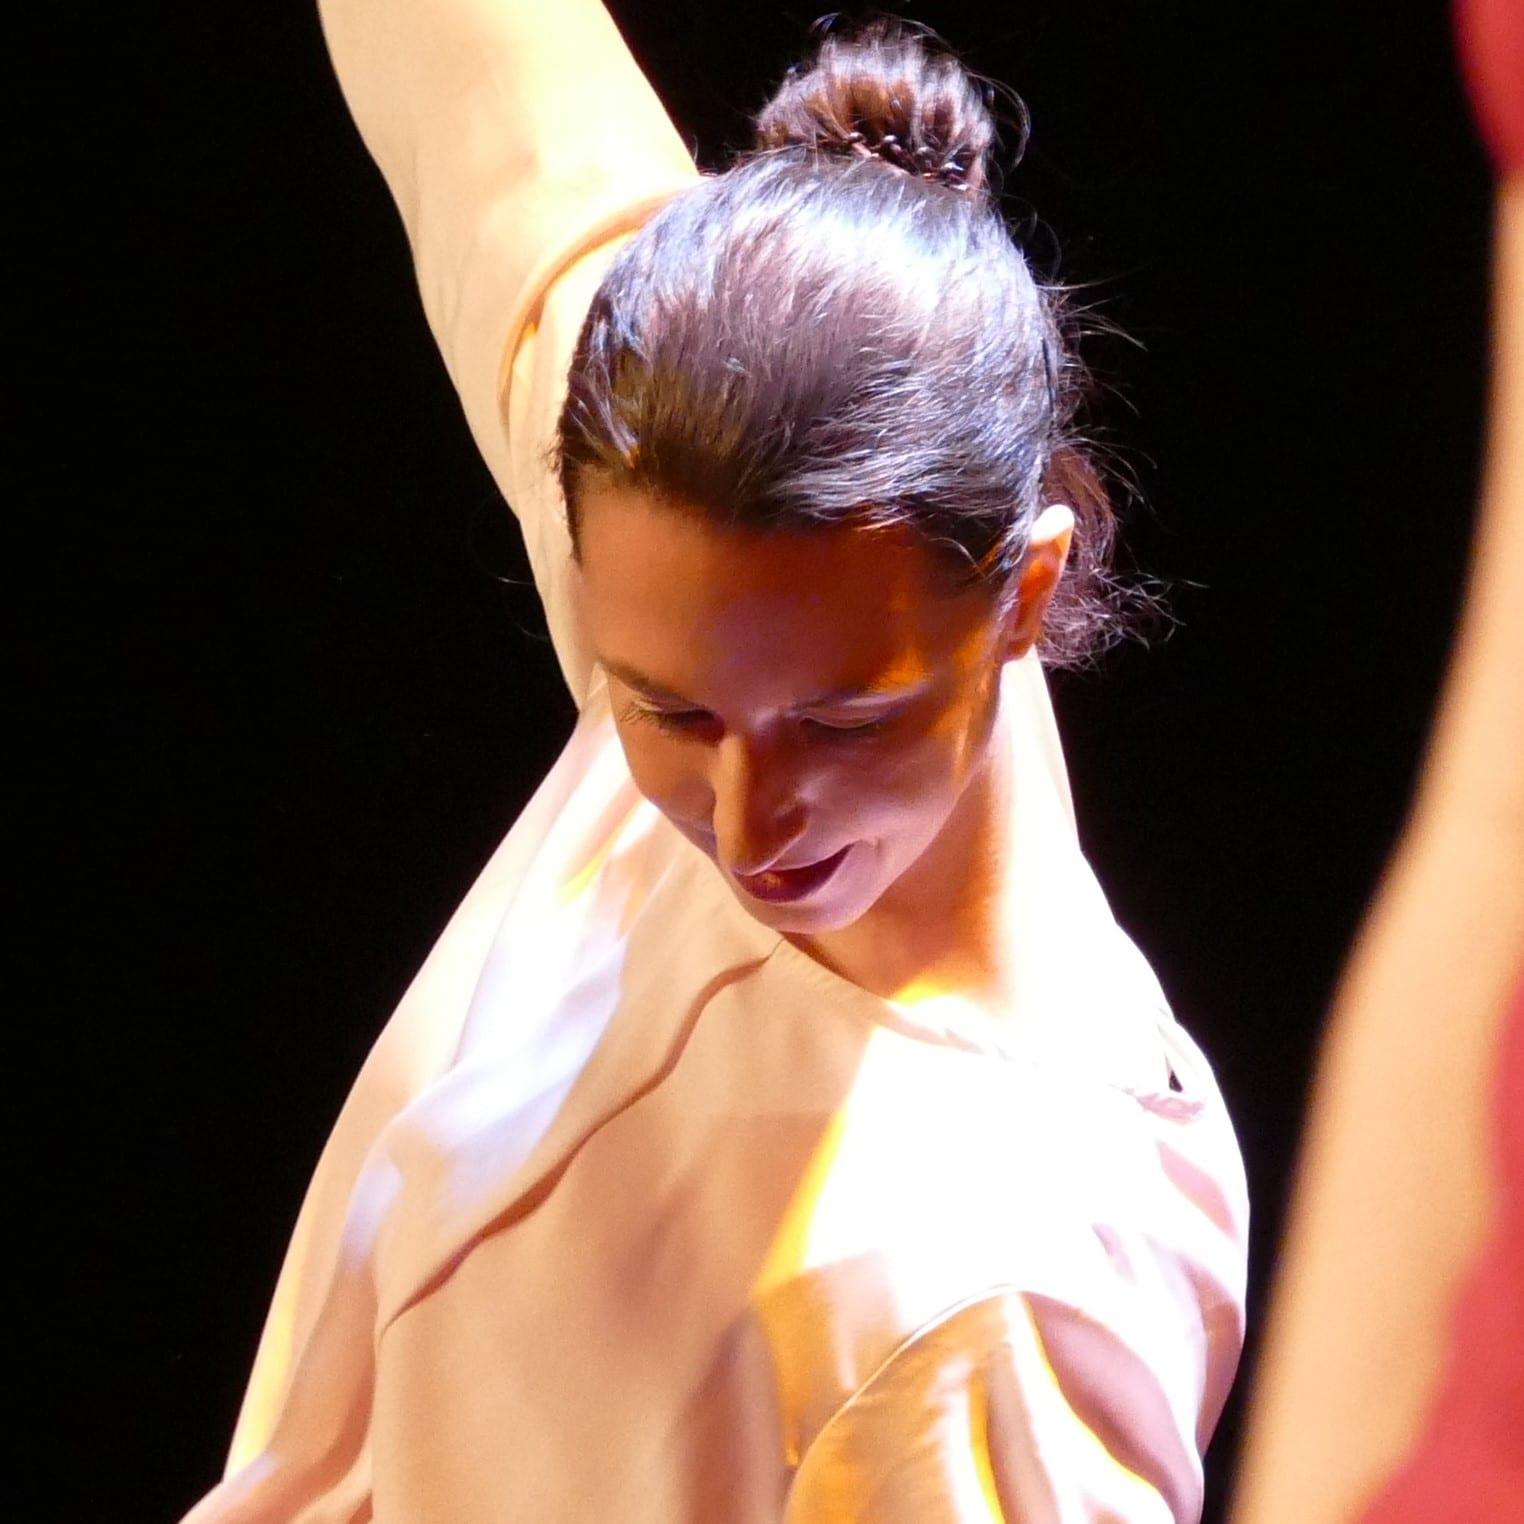 modernes Ballett Erwachsene